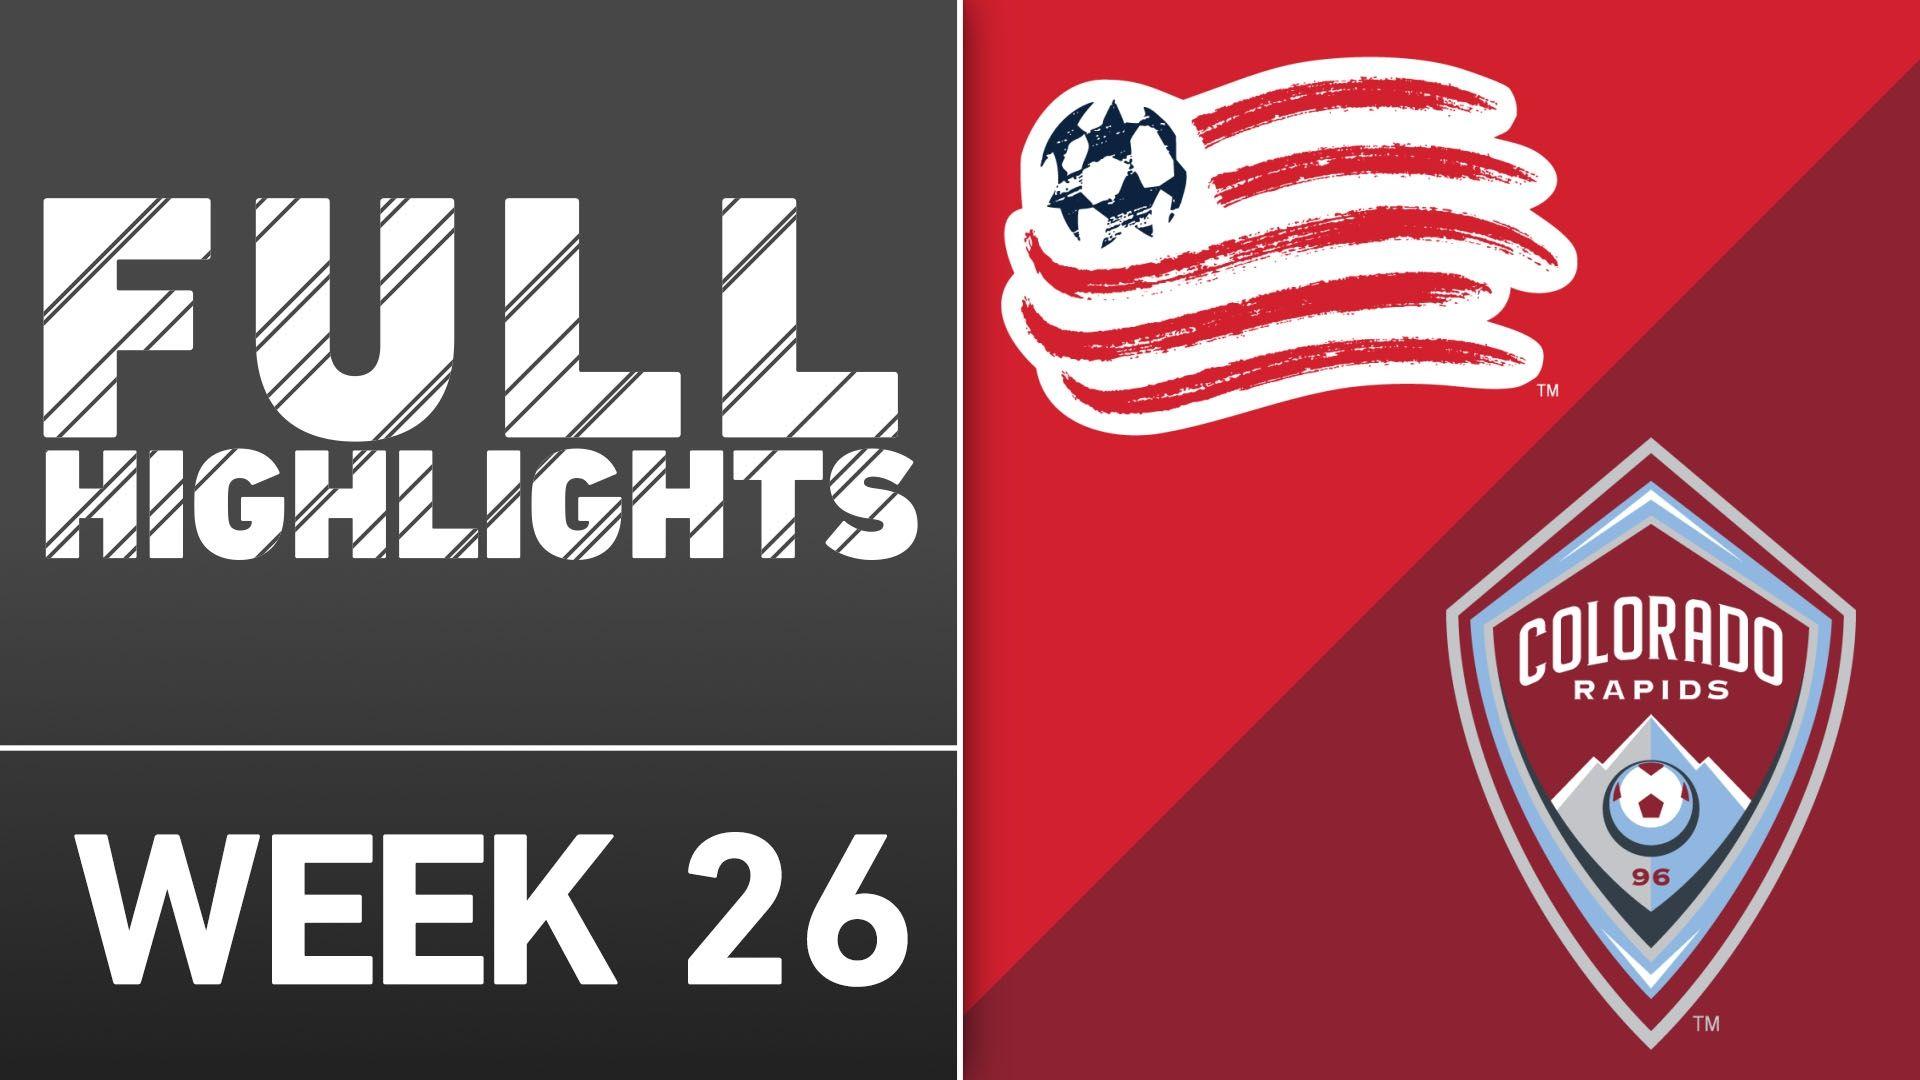 Video via MLS: NE Revolution 2-0 Colorado